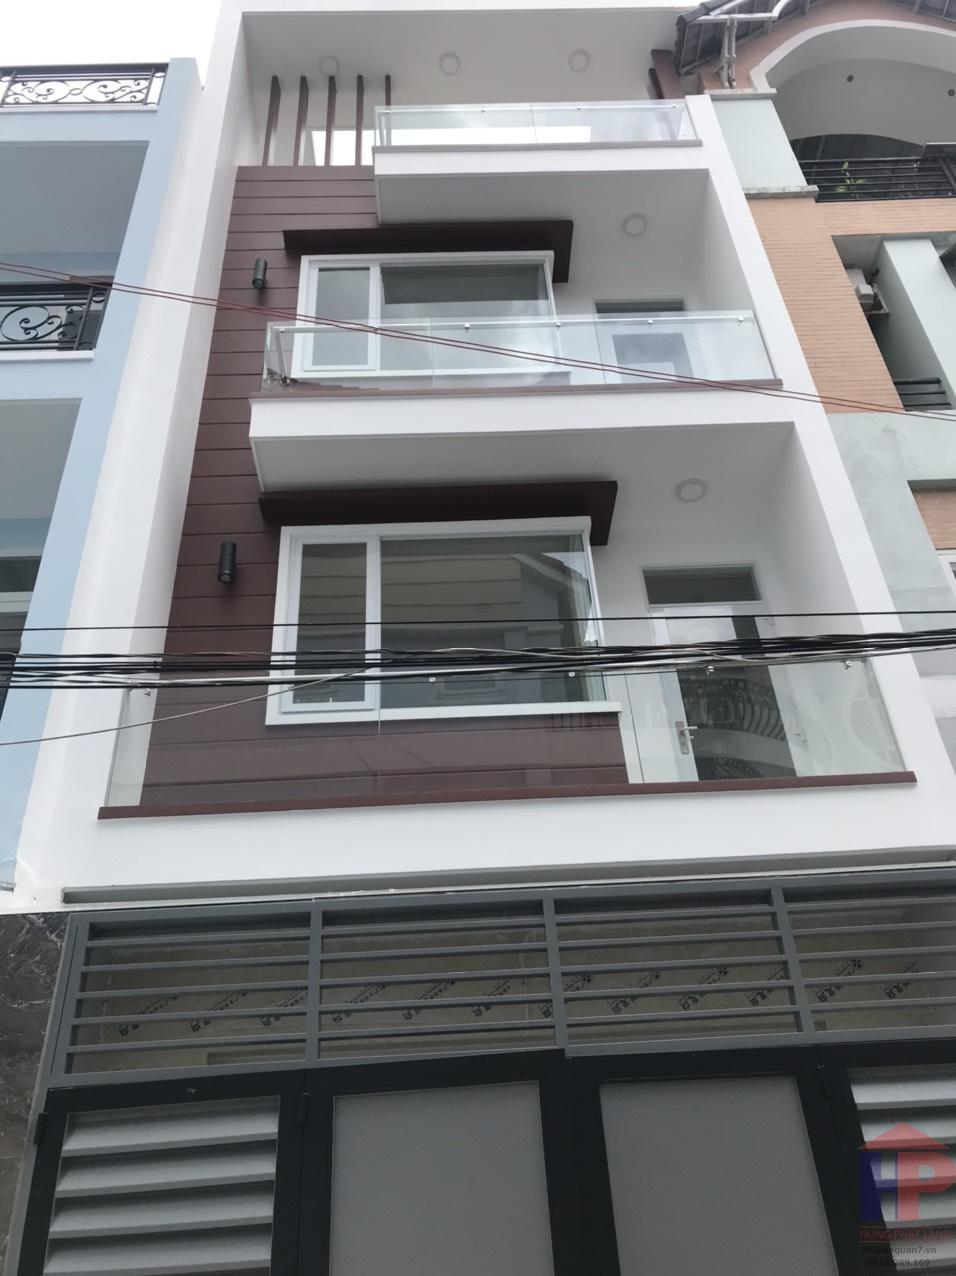 Bán nhà hẻm 300 Nguyễn Văn Linh Phường Bình Thuận Quận 7 DT 87 m2 Giá 12.59 tỷ thương lượng LH 0909477288